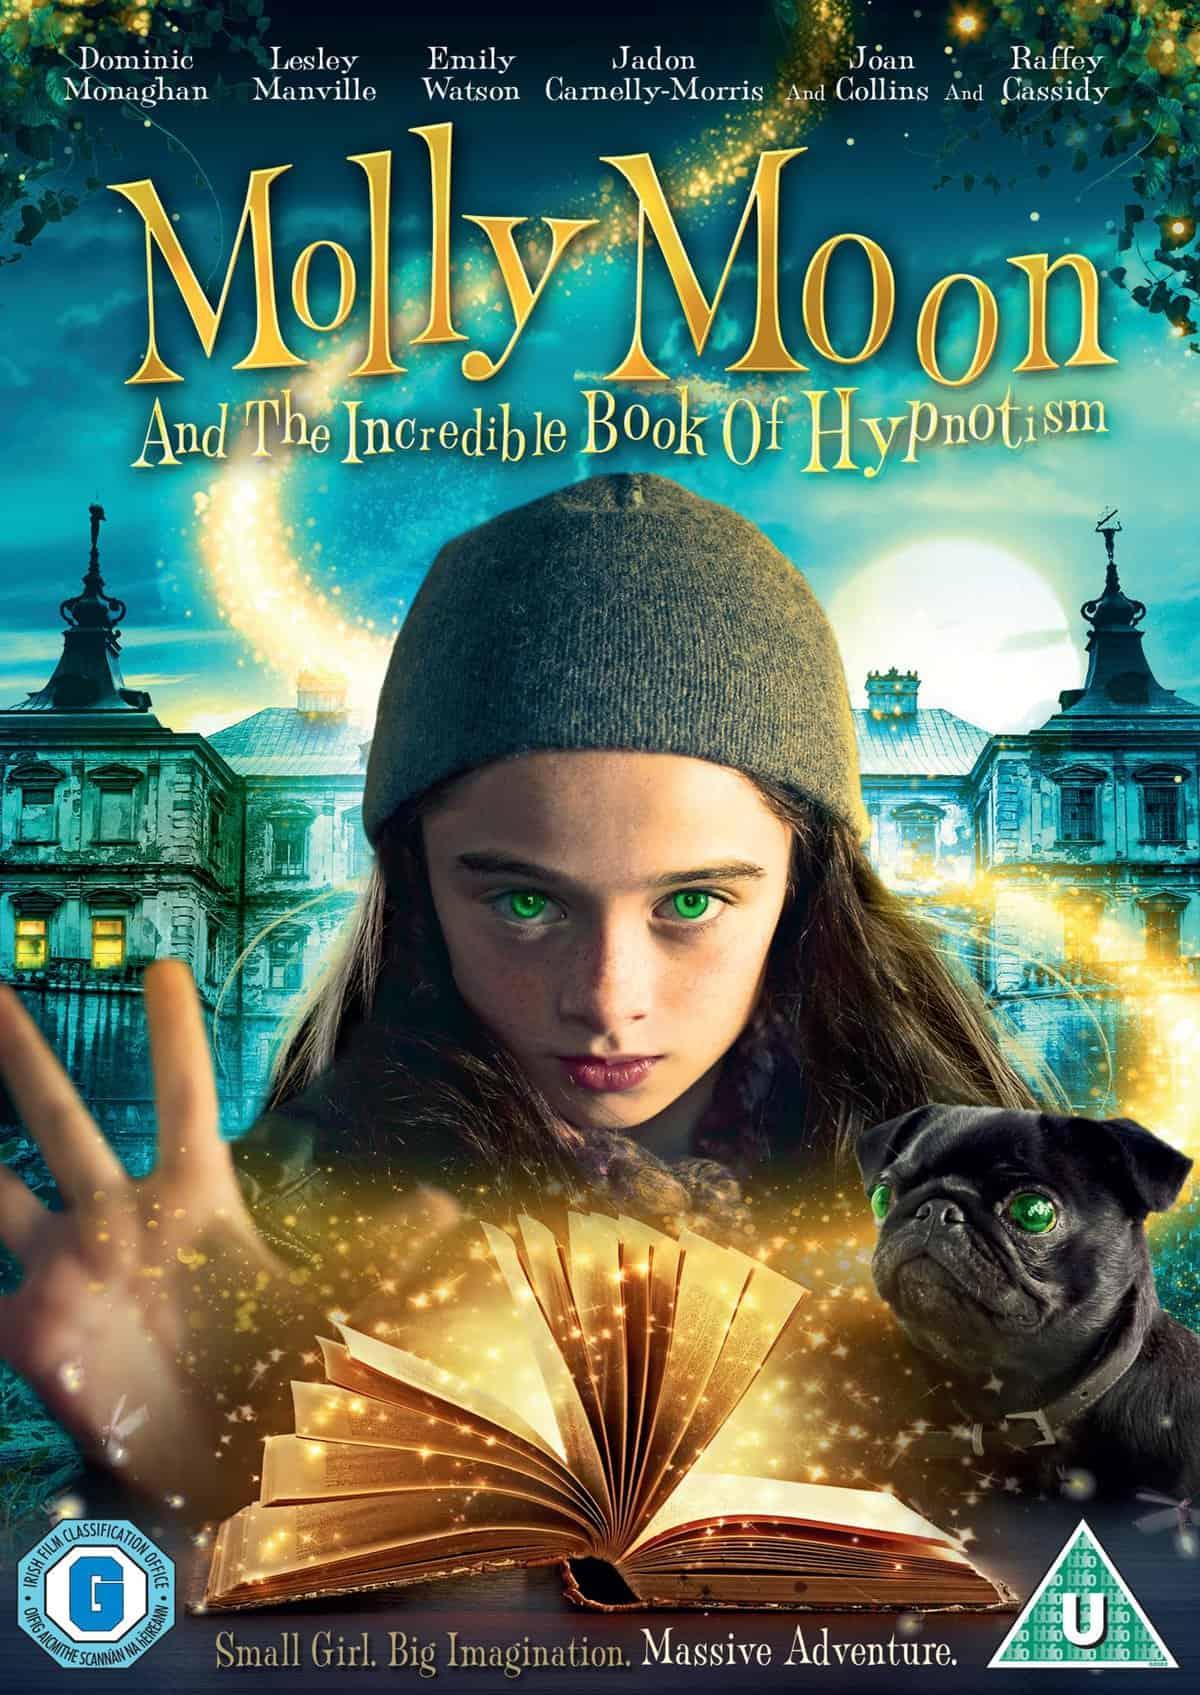 molly_moon_dvd_2d